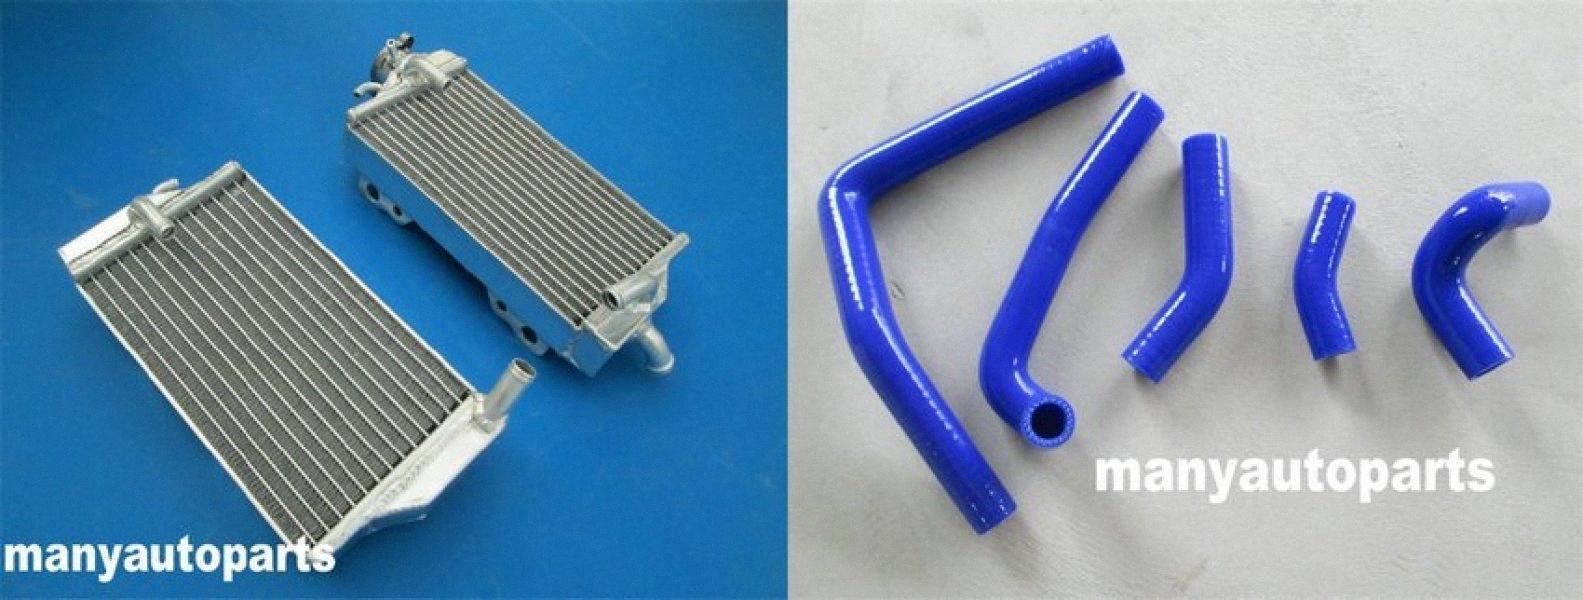 Aluminiumheizkörper blau Schlauch für CR250R CR 250 2005-2007 2006 05 06 07 y37w #